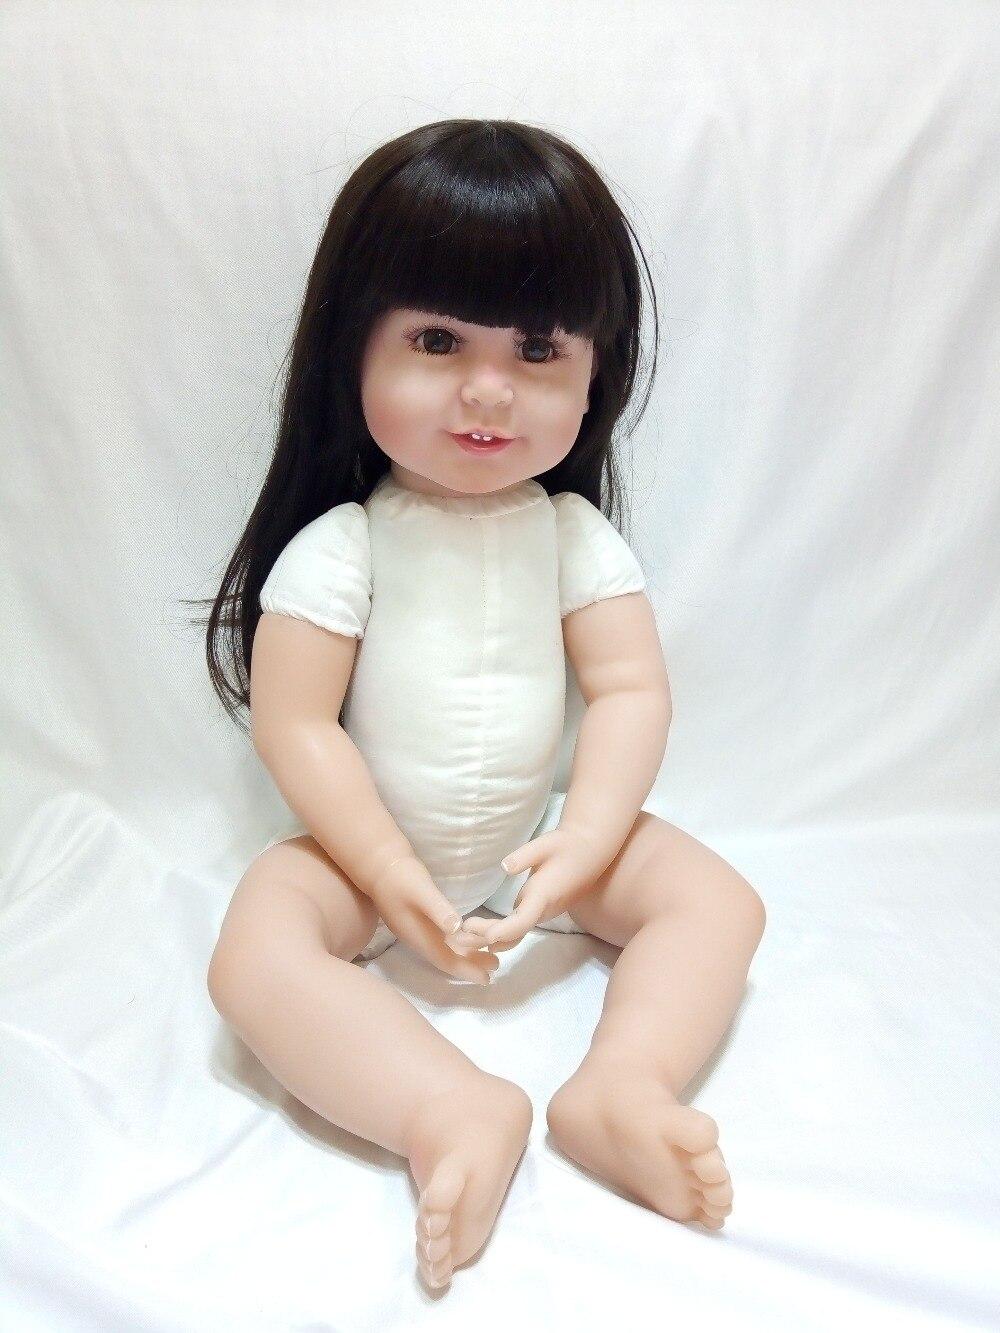 Muñecas de bebés renacidos de silicona rosa vestido de vinilo rojo - Muñecas y accesorios - foto 6